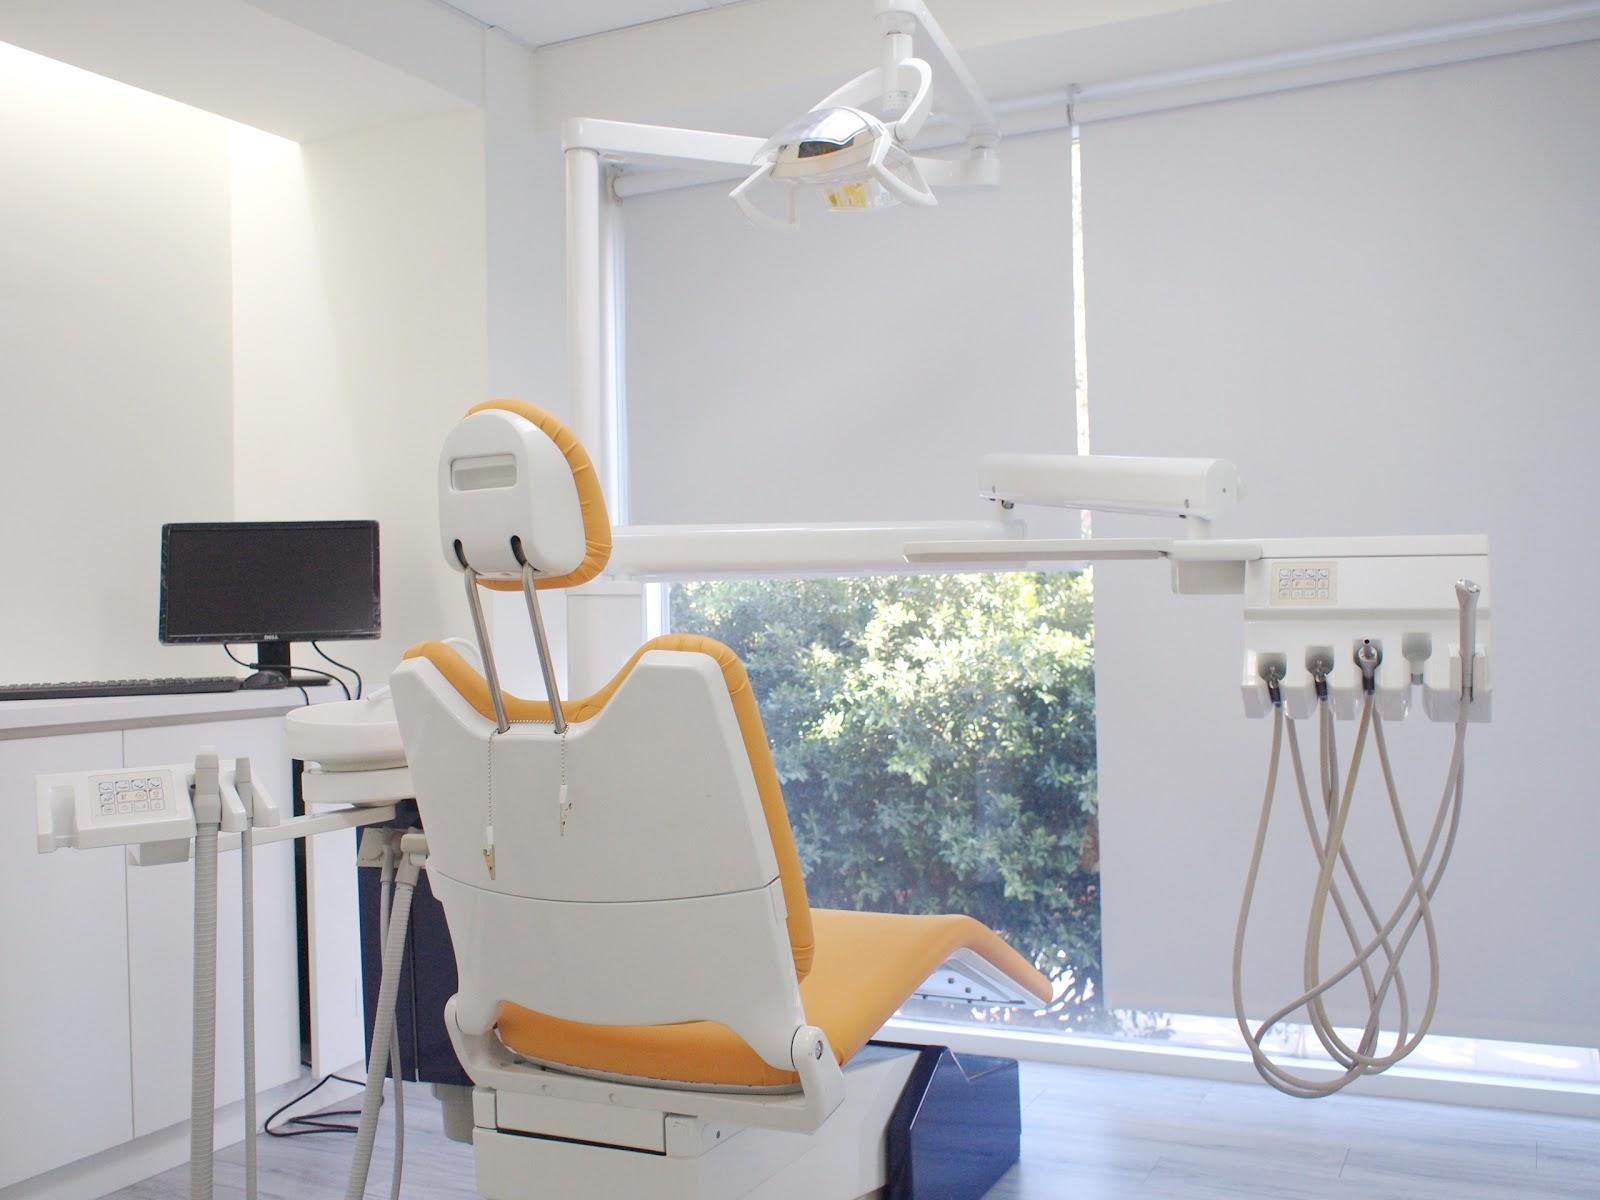 柏恩牙醫診所: 十月 2012